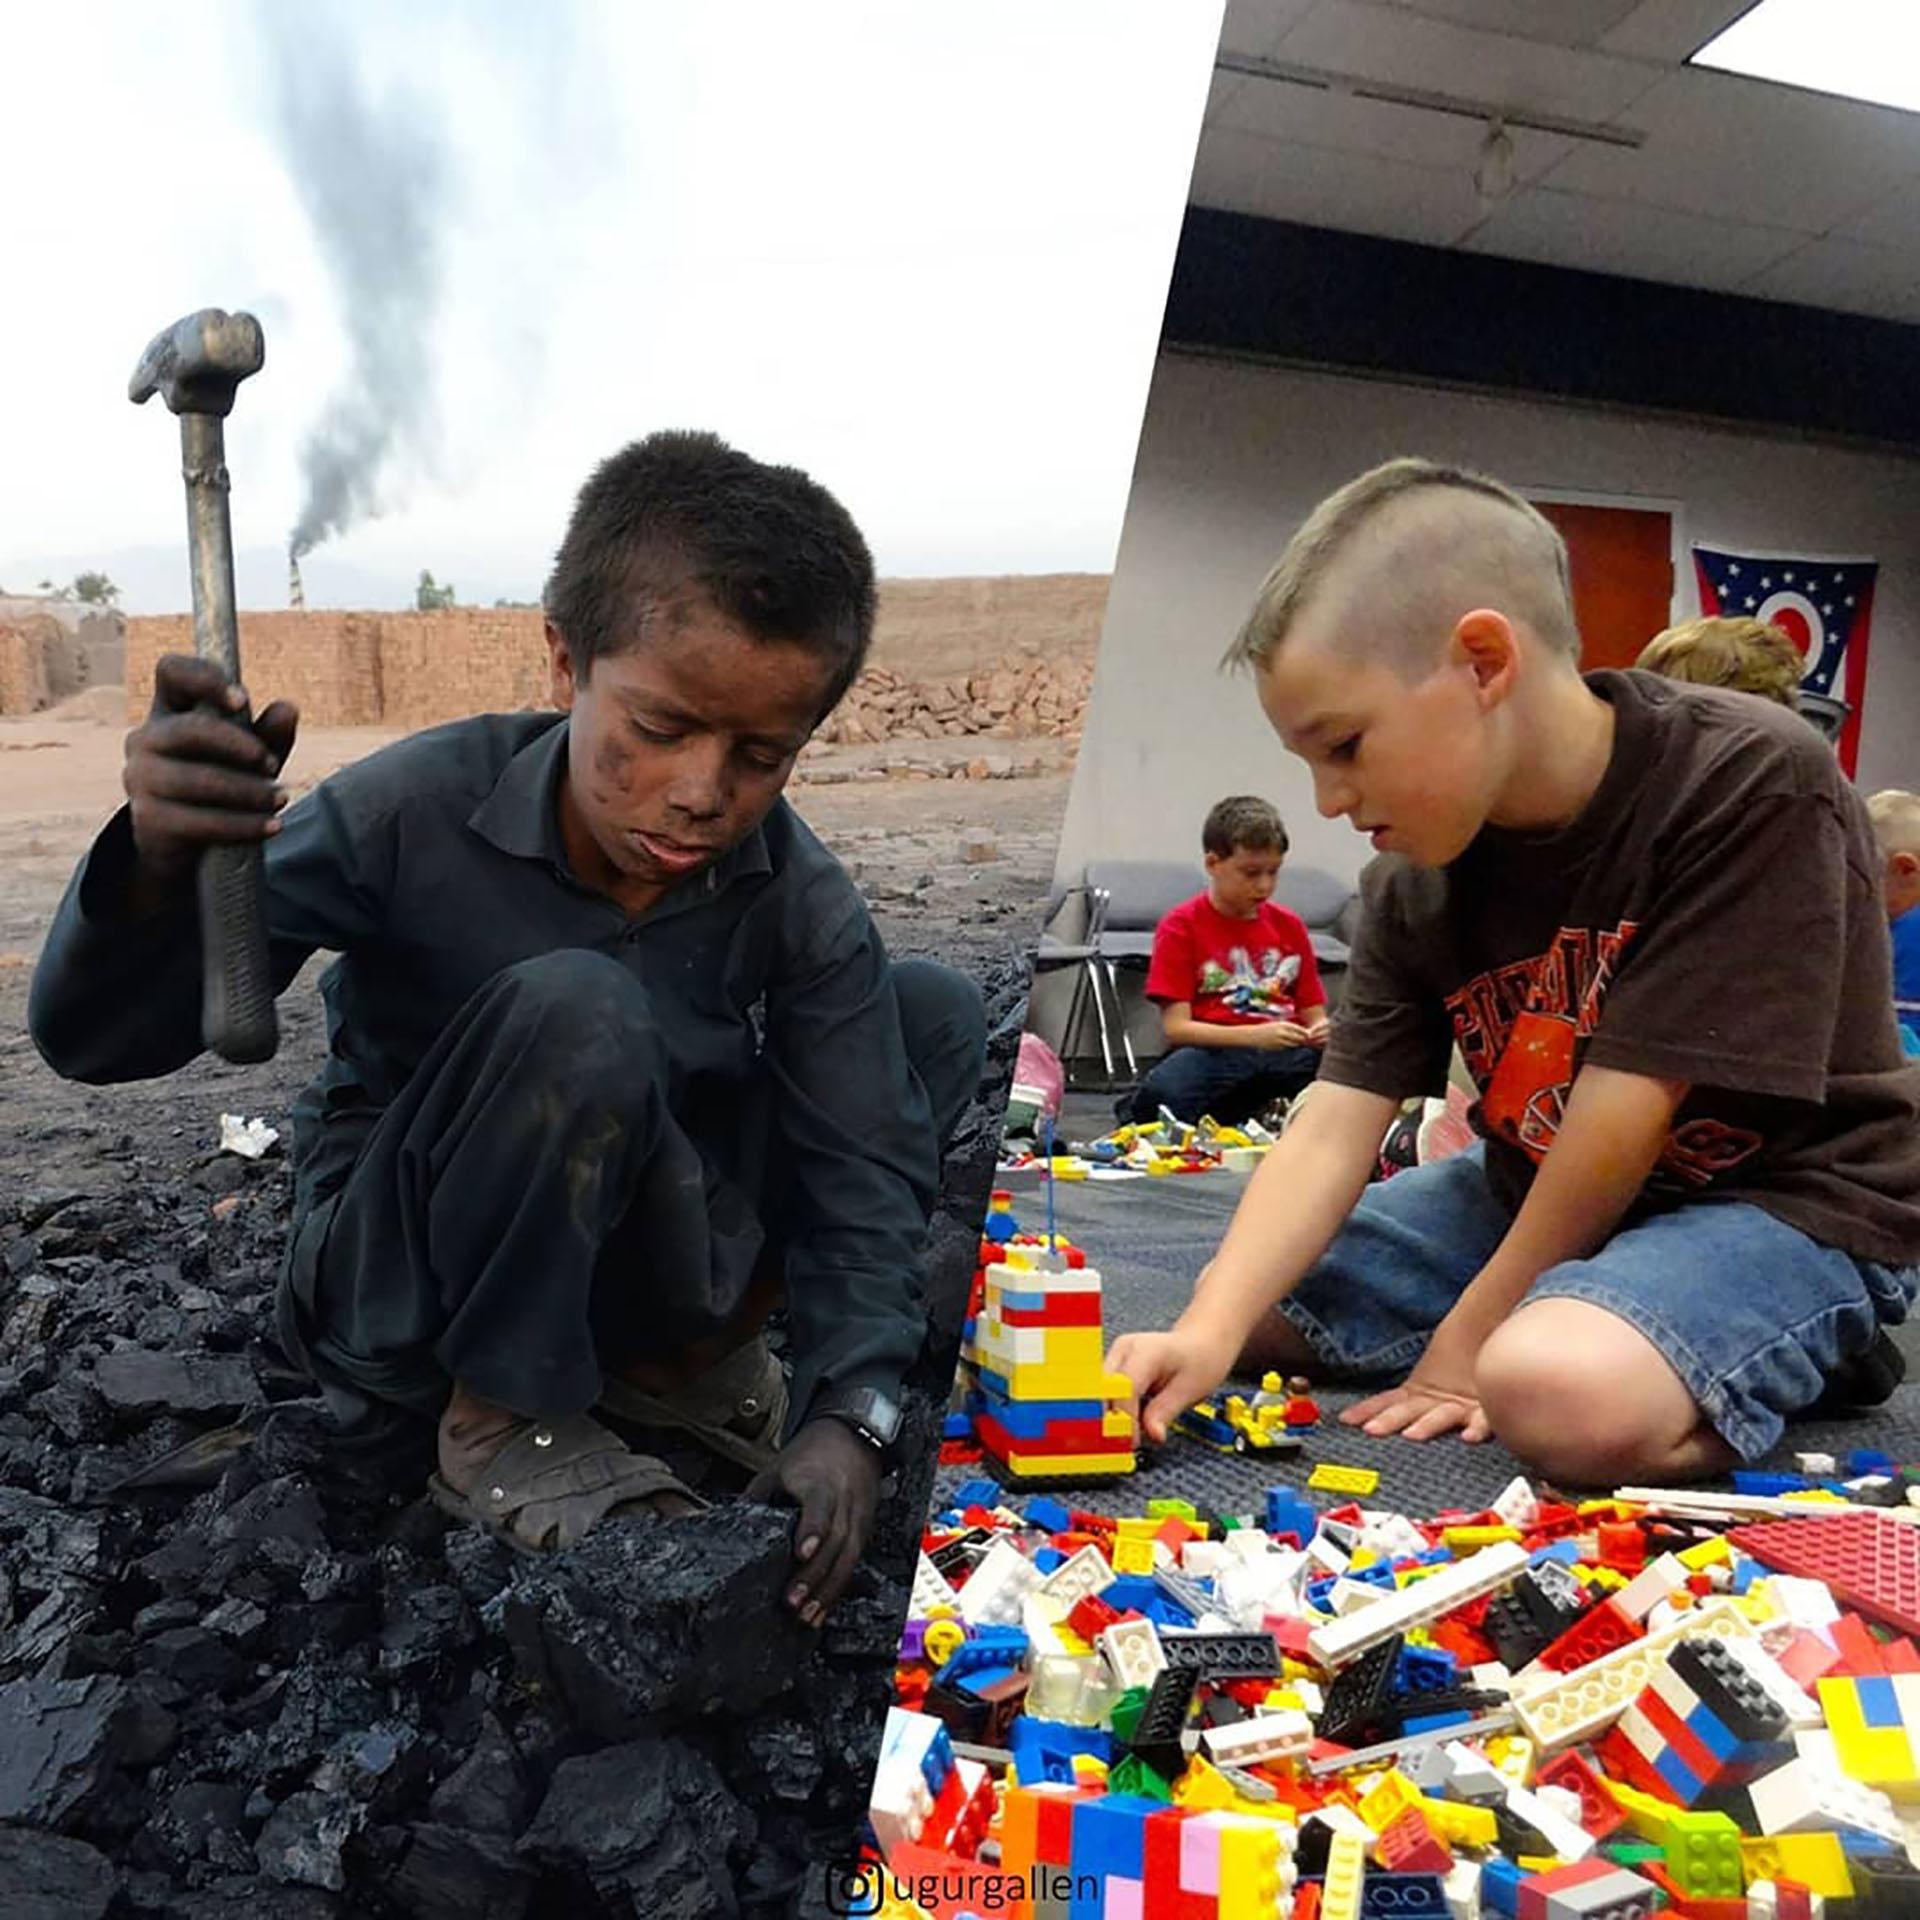 Un niño afgano trabaja en una mina de carbón en Jalalabad, Afganistán, y otro niño juega con legos.